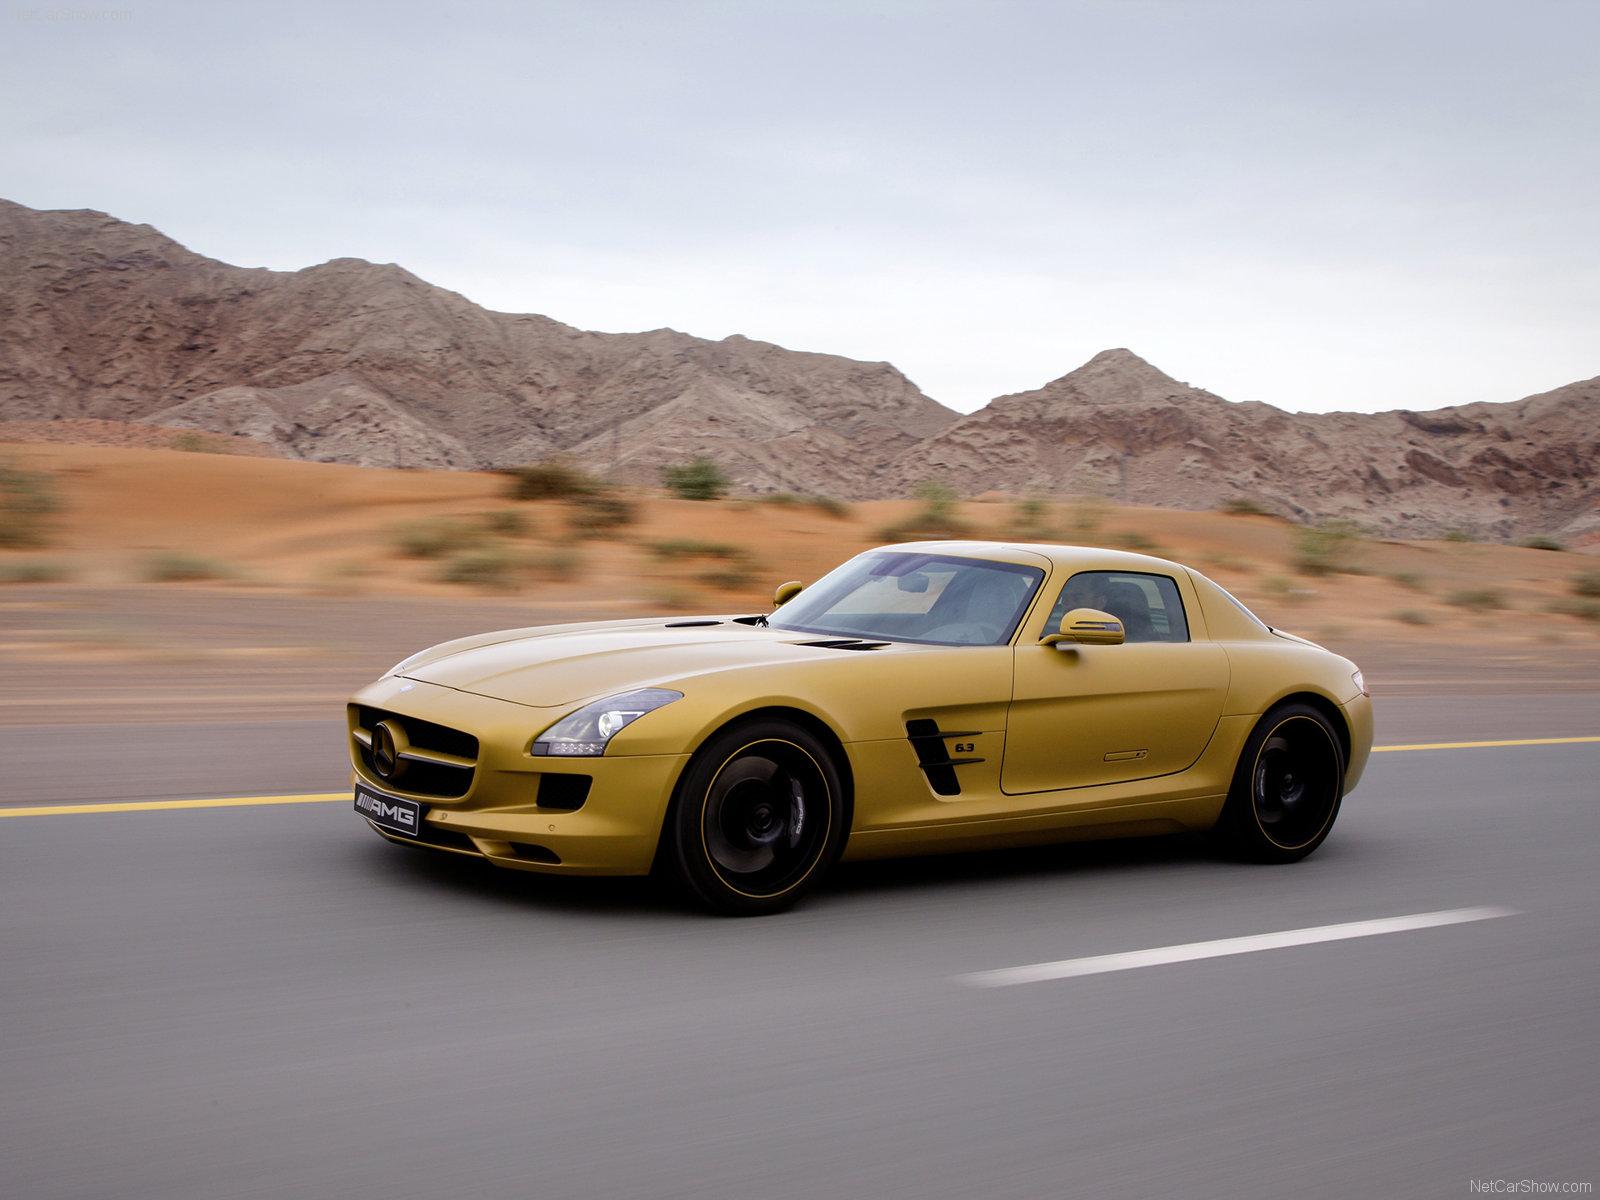 Mercedes benz sls amg gullwing 2011 fotos e im genes en for Mercedes benz amg gullwing